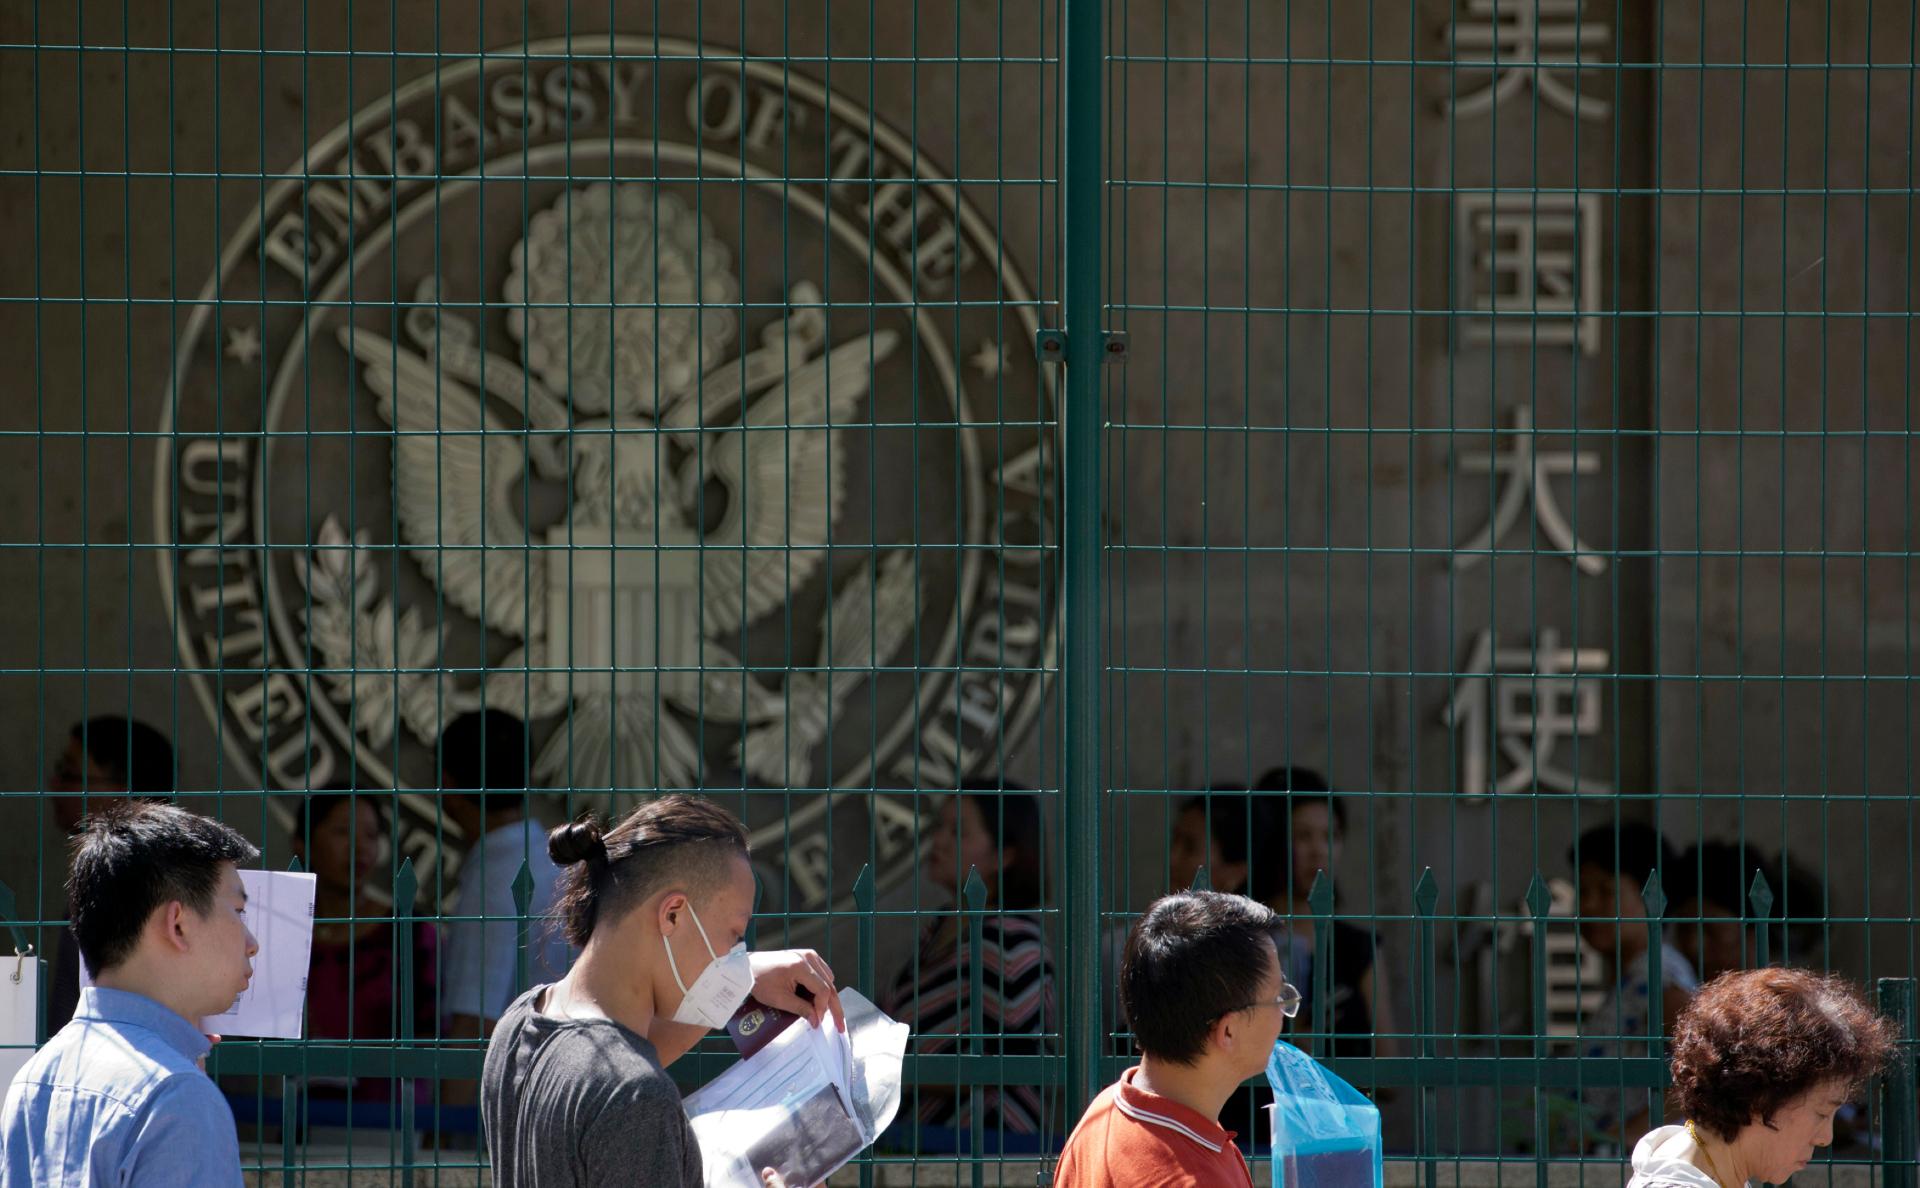 WSJ узнала о предупреждении Китая о возможных задержаниях граждан США